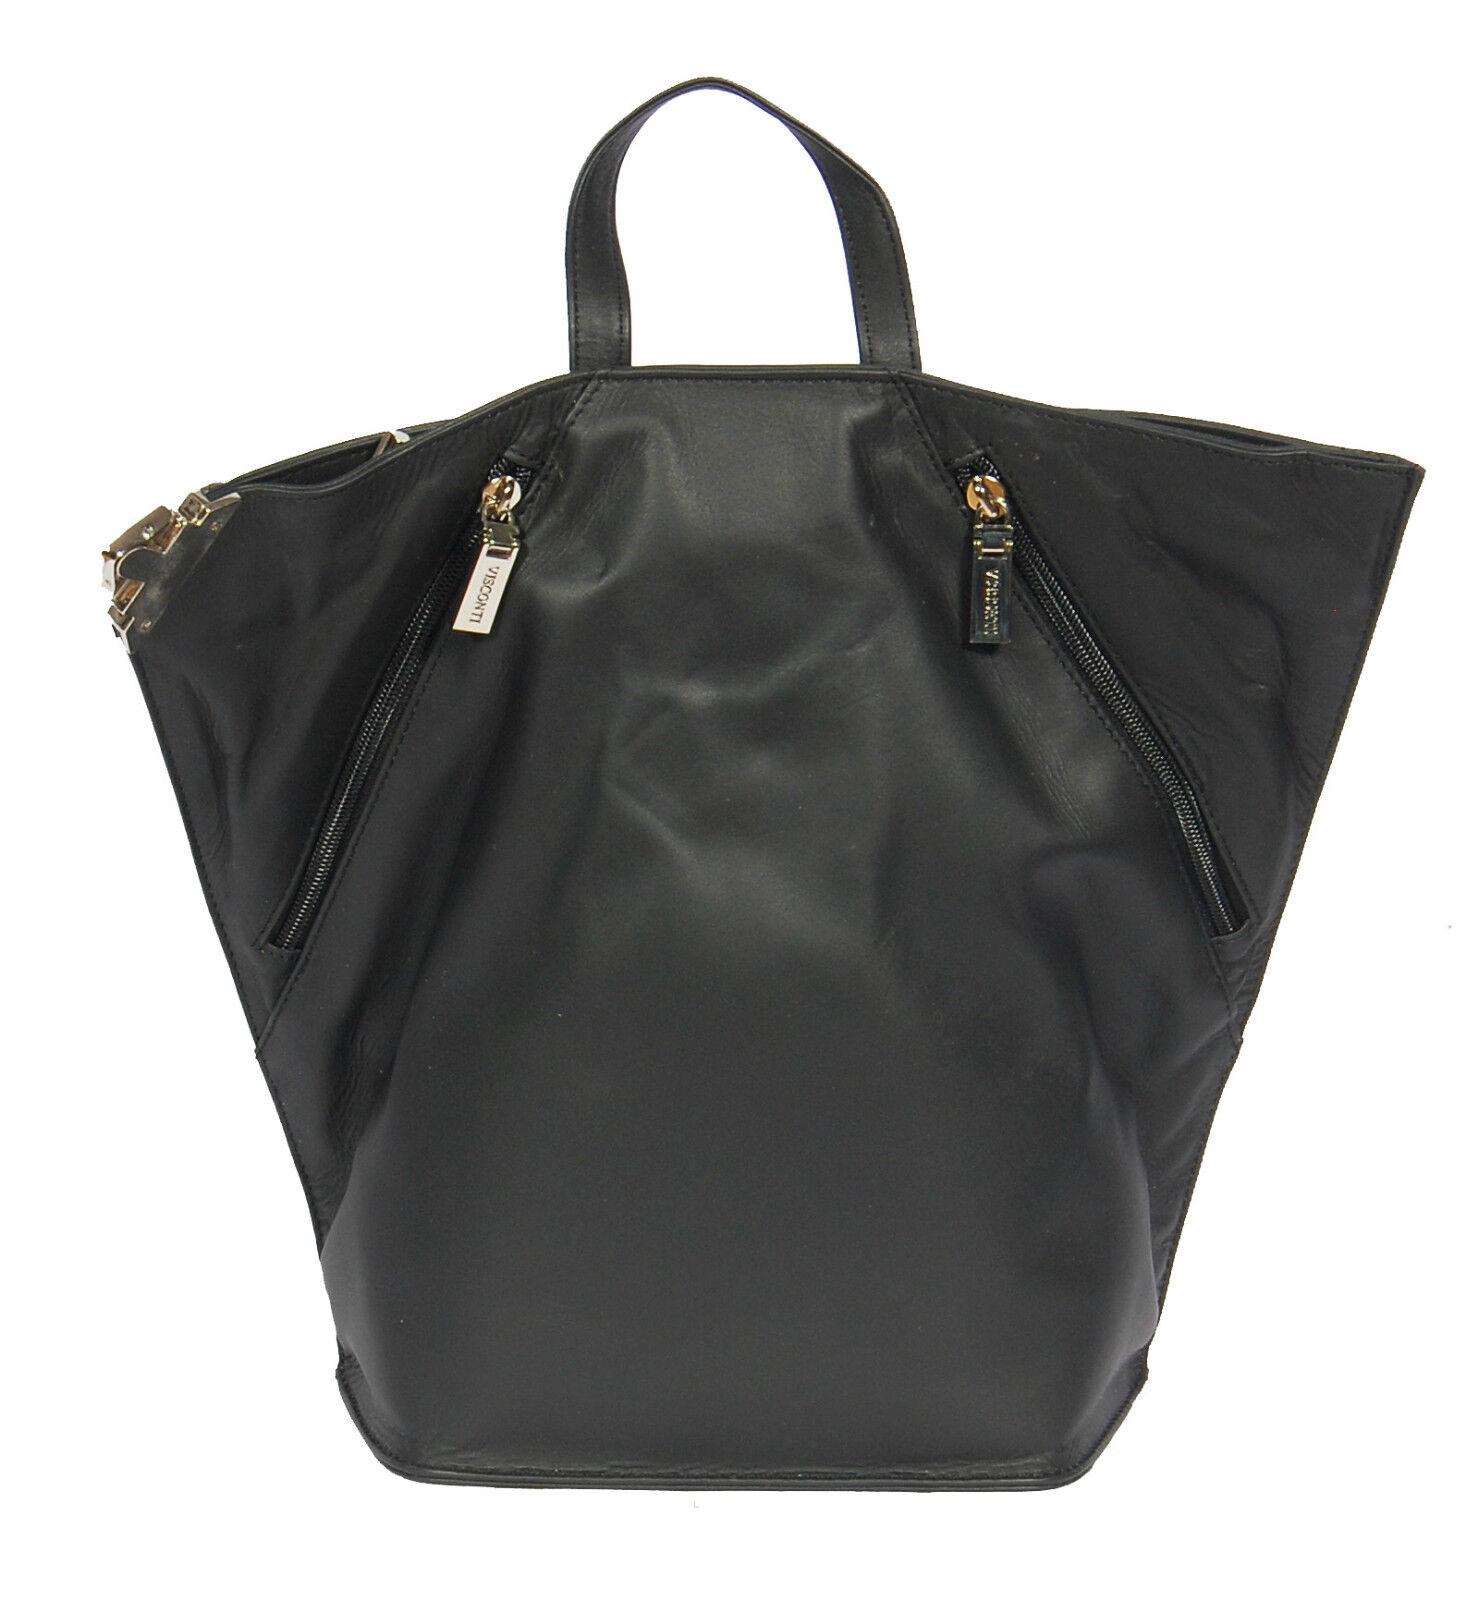 Femme de luxe en cuir sac à dos dos à noir sac à dos cyclisme sports gym organisateur sac 49ee2d